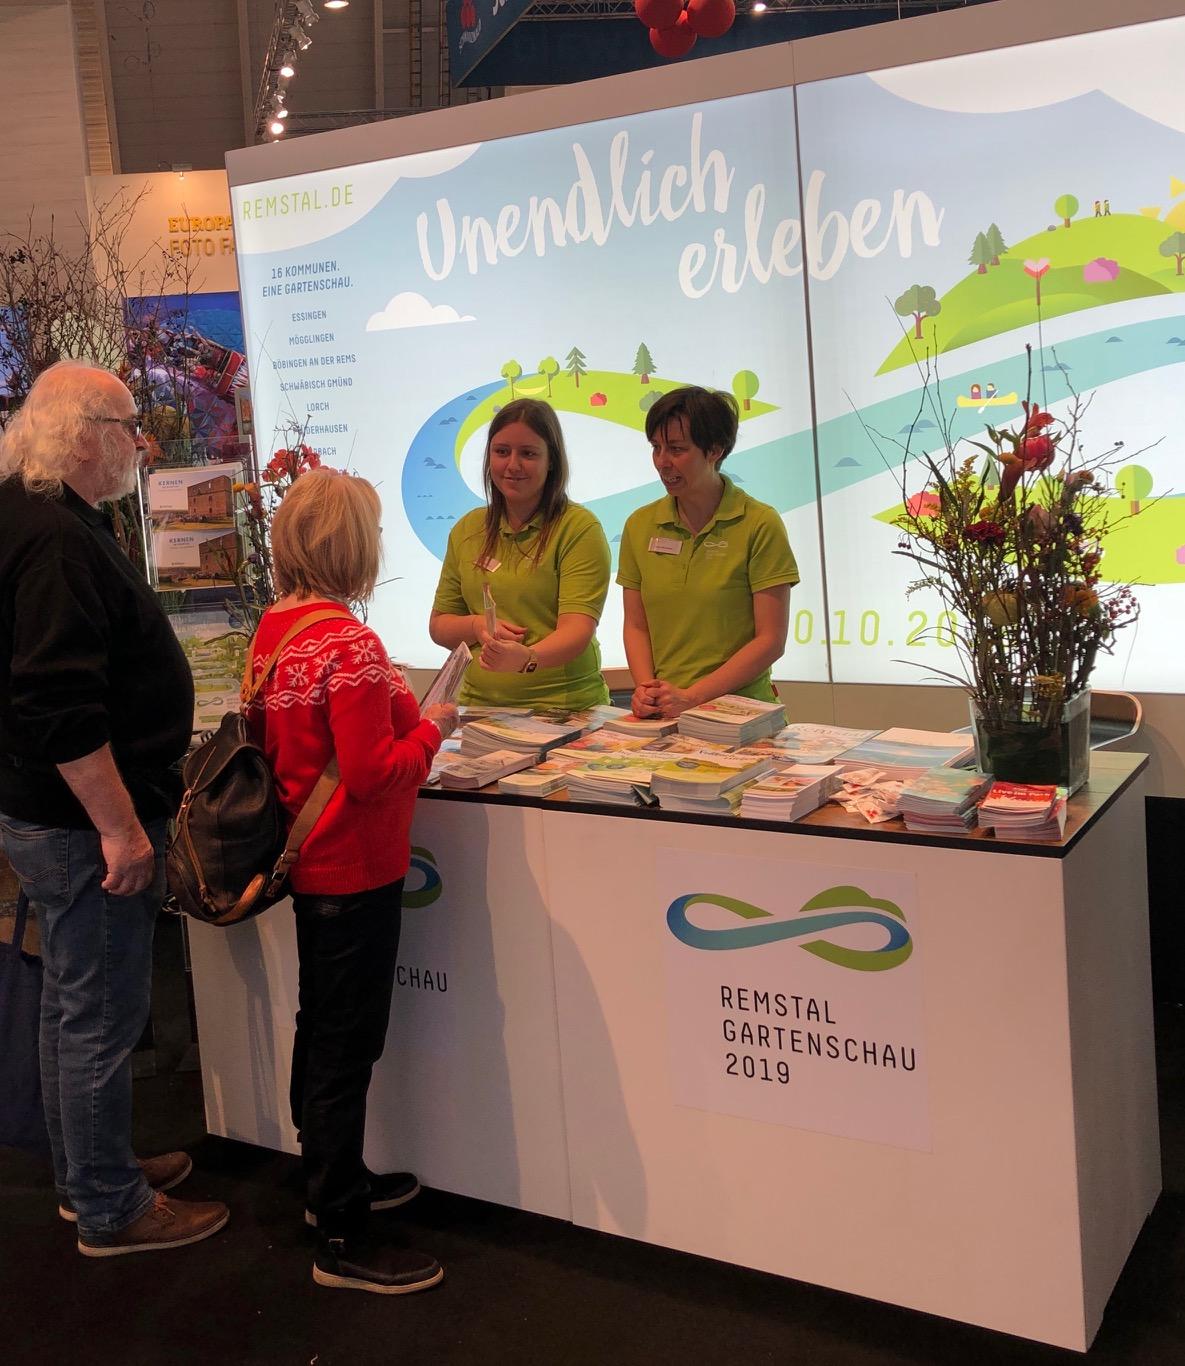 Die Stadt Remseck am Neckar präsentierte sich auf der CMT 2019 am Stand der Remstal Gartenschau 2019. Foto: Stadt Remseck am Neckar